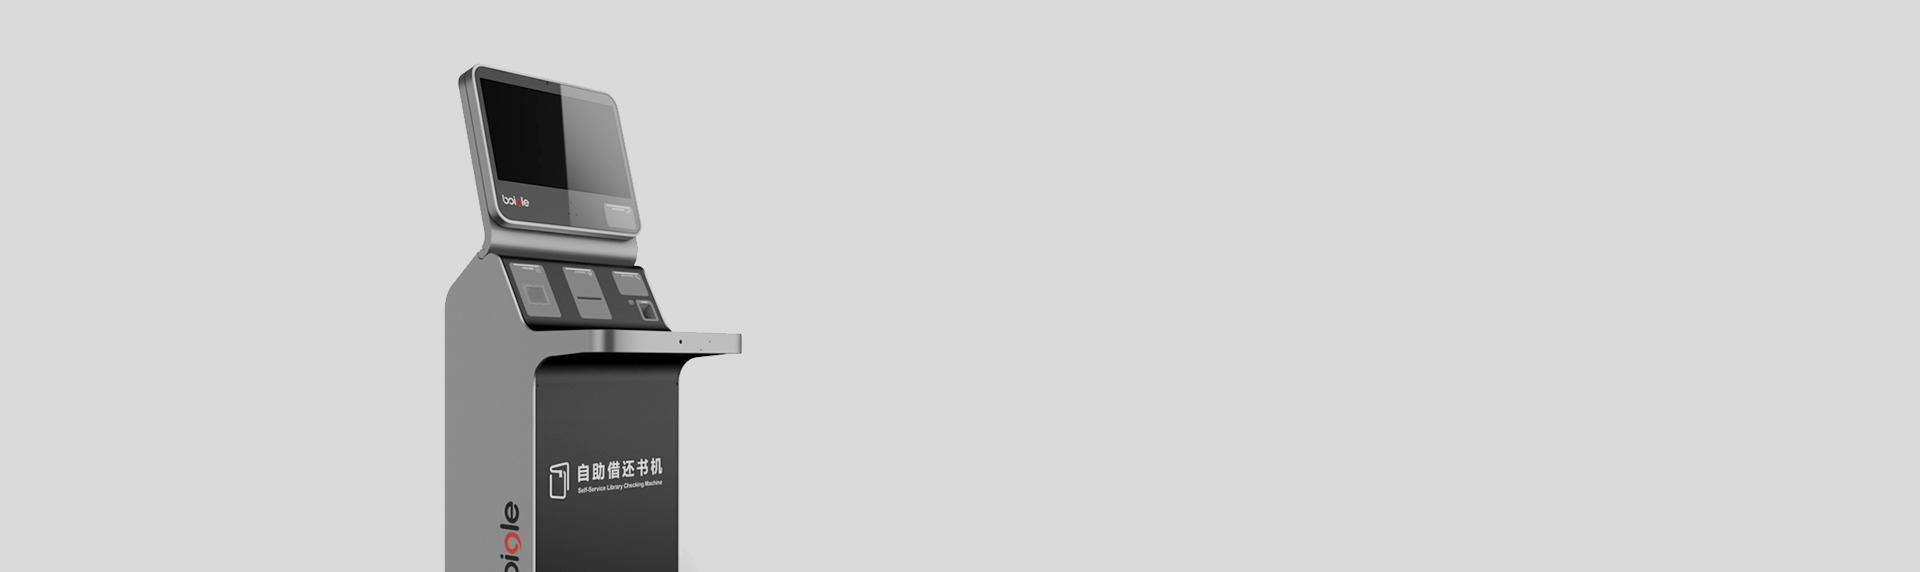 全球AU设计-室内落地借还书机